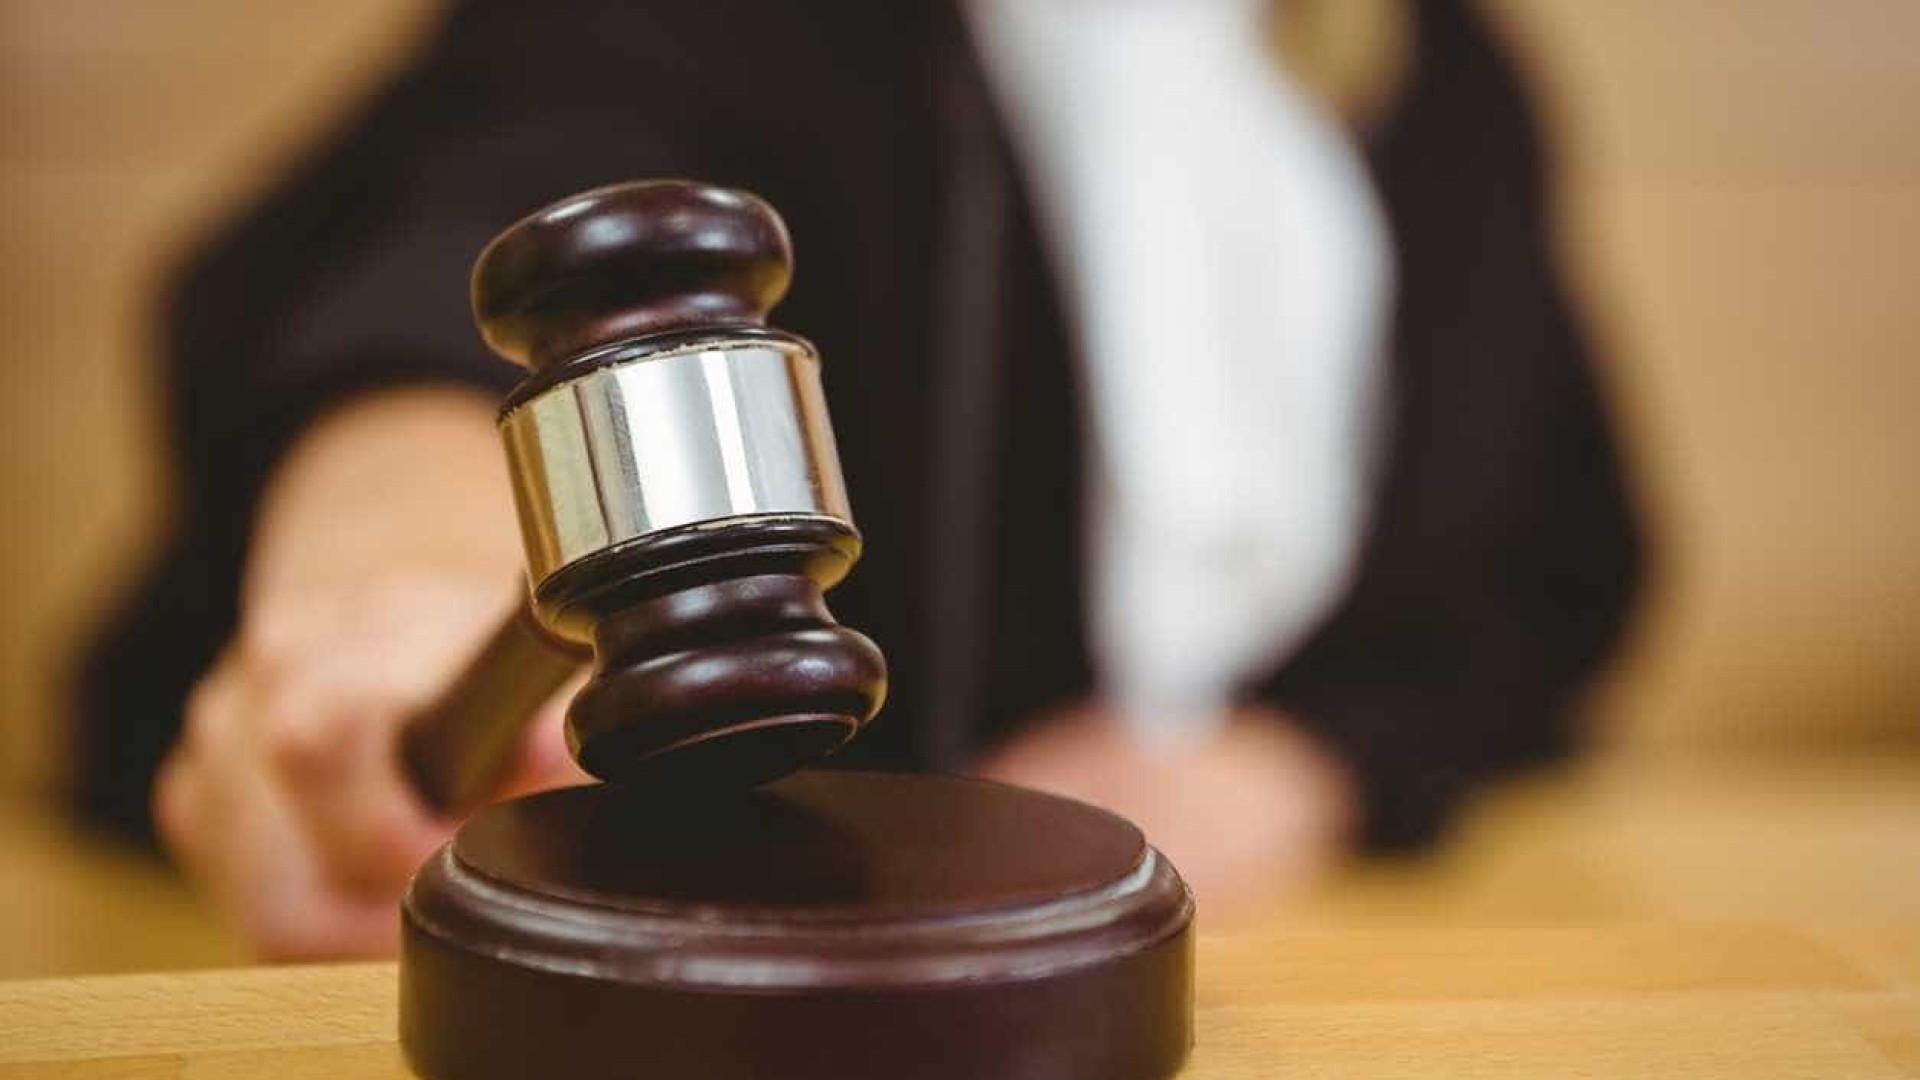 Administradora de farmacêutica julgada após morte de trabalhadora